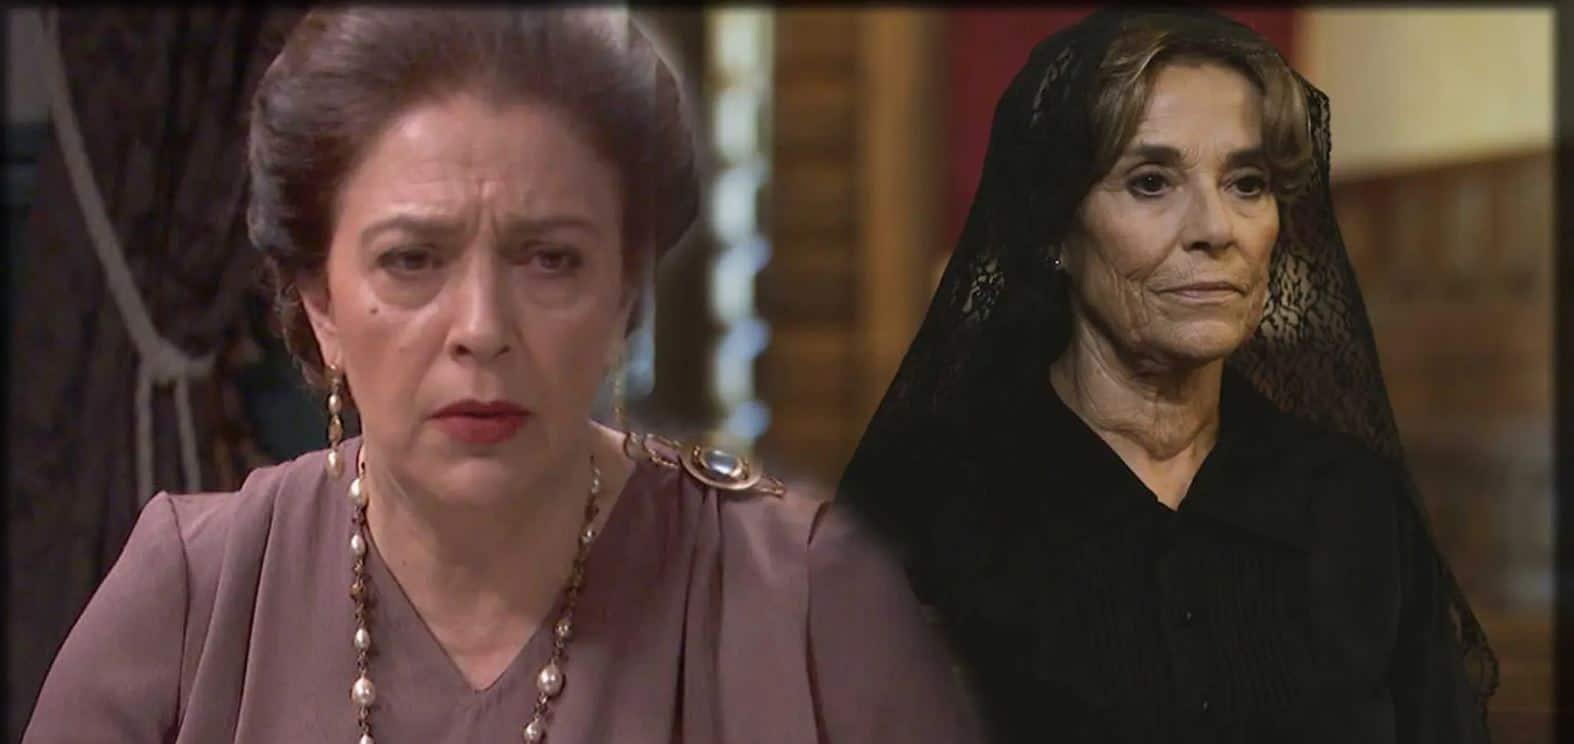 Il segreto anticipazioni: Eulalia vuole Francisca morta, che cosa succederà?